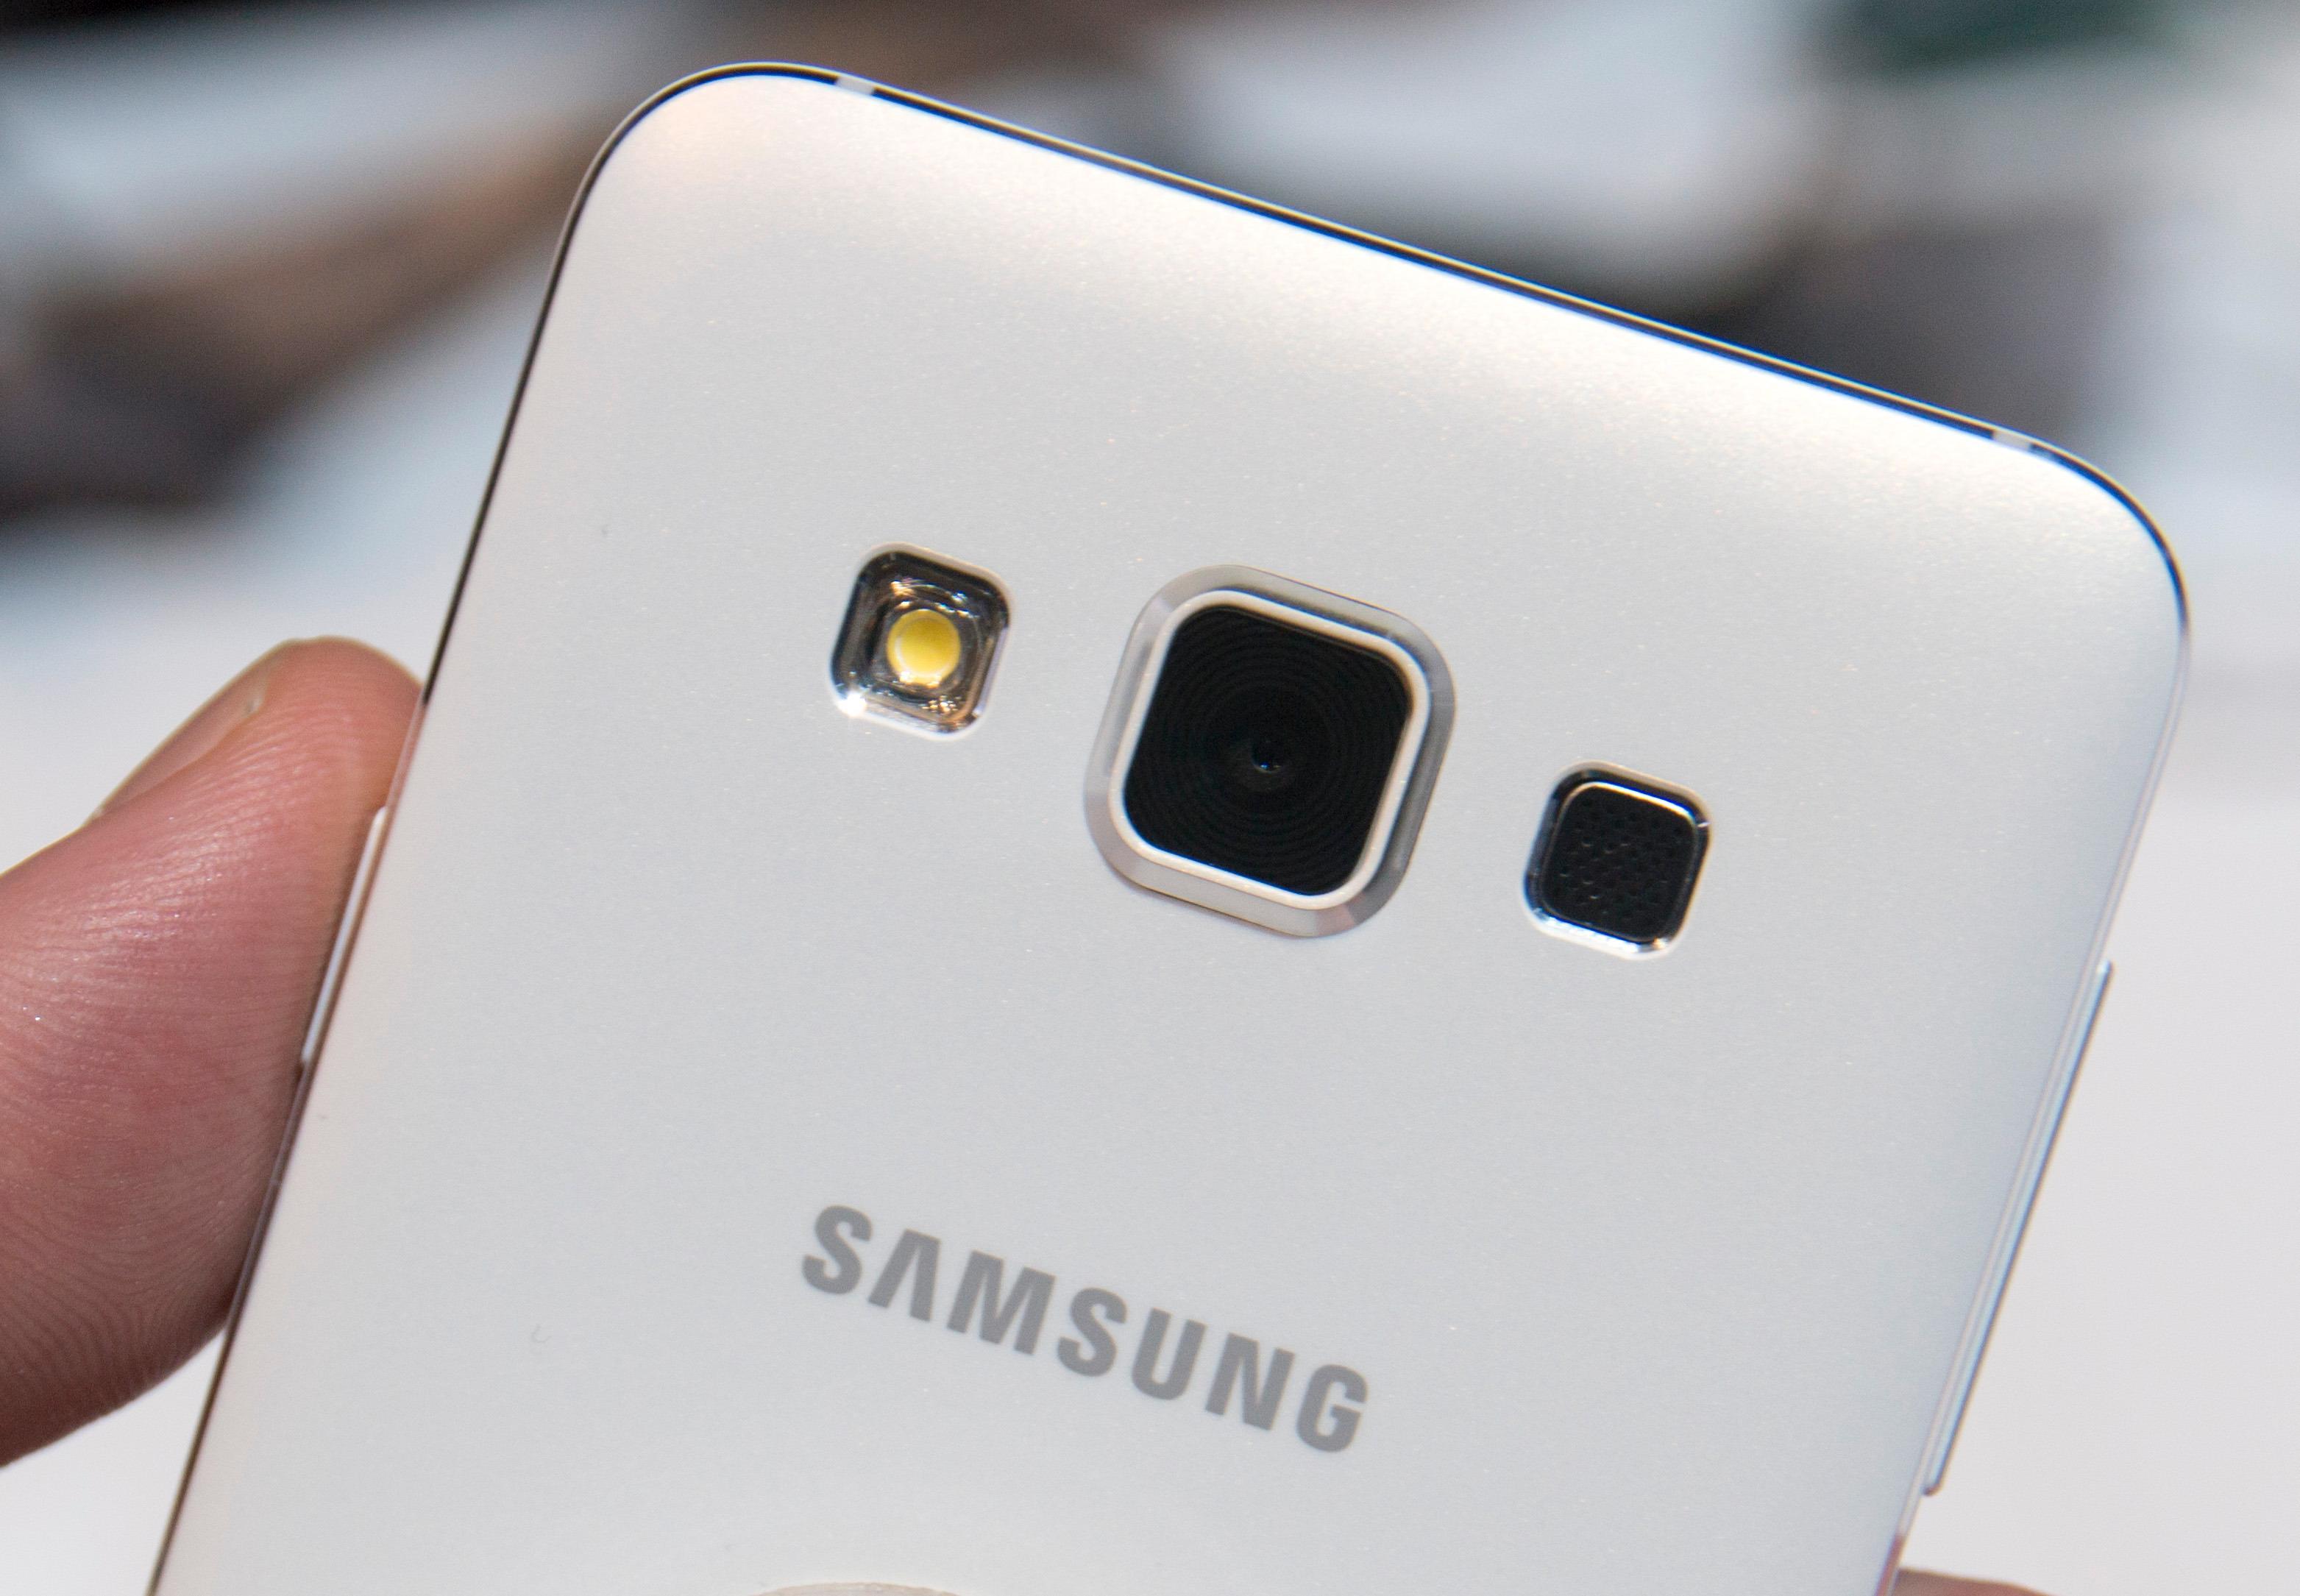 Galaxy A-serien kommer i flere fager. Sort, hvitt, gull og sølv var utstilt på Samsungs store område under CES-messen. Foto: Finn Jarle Kvalheim, Tek.no